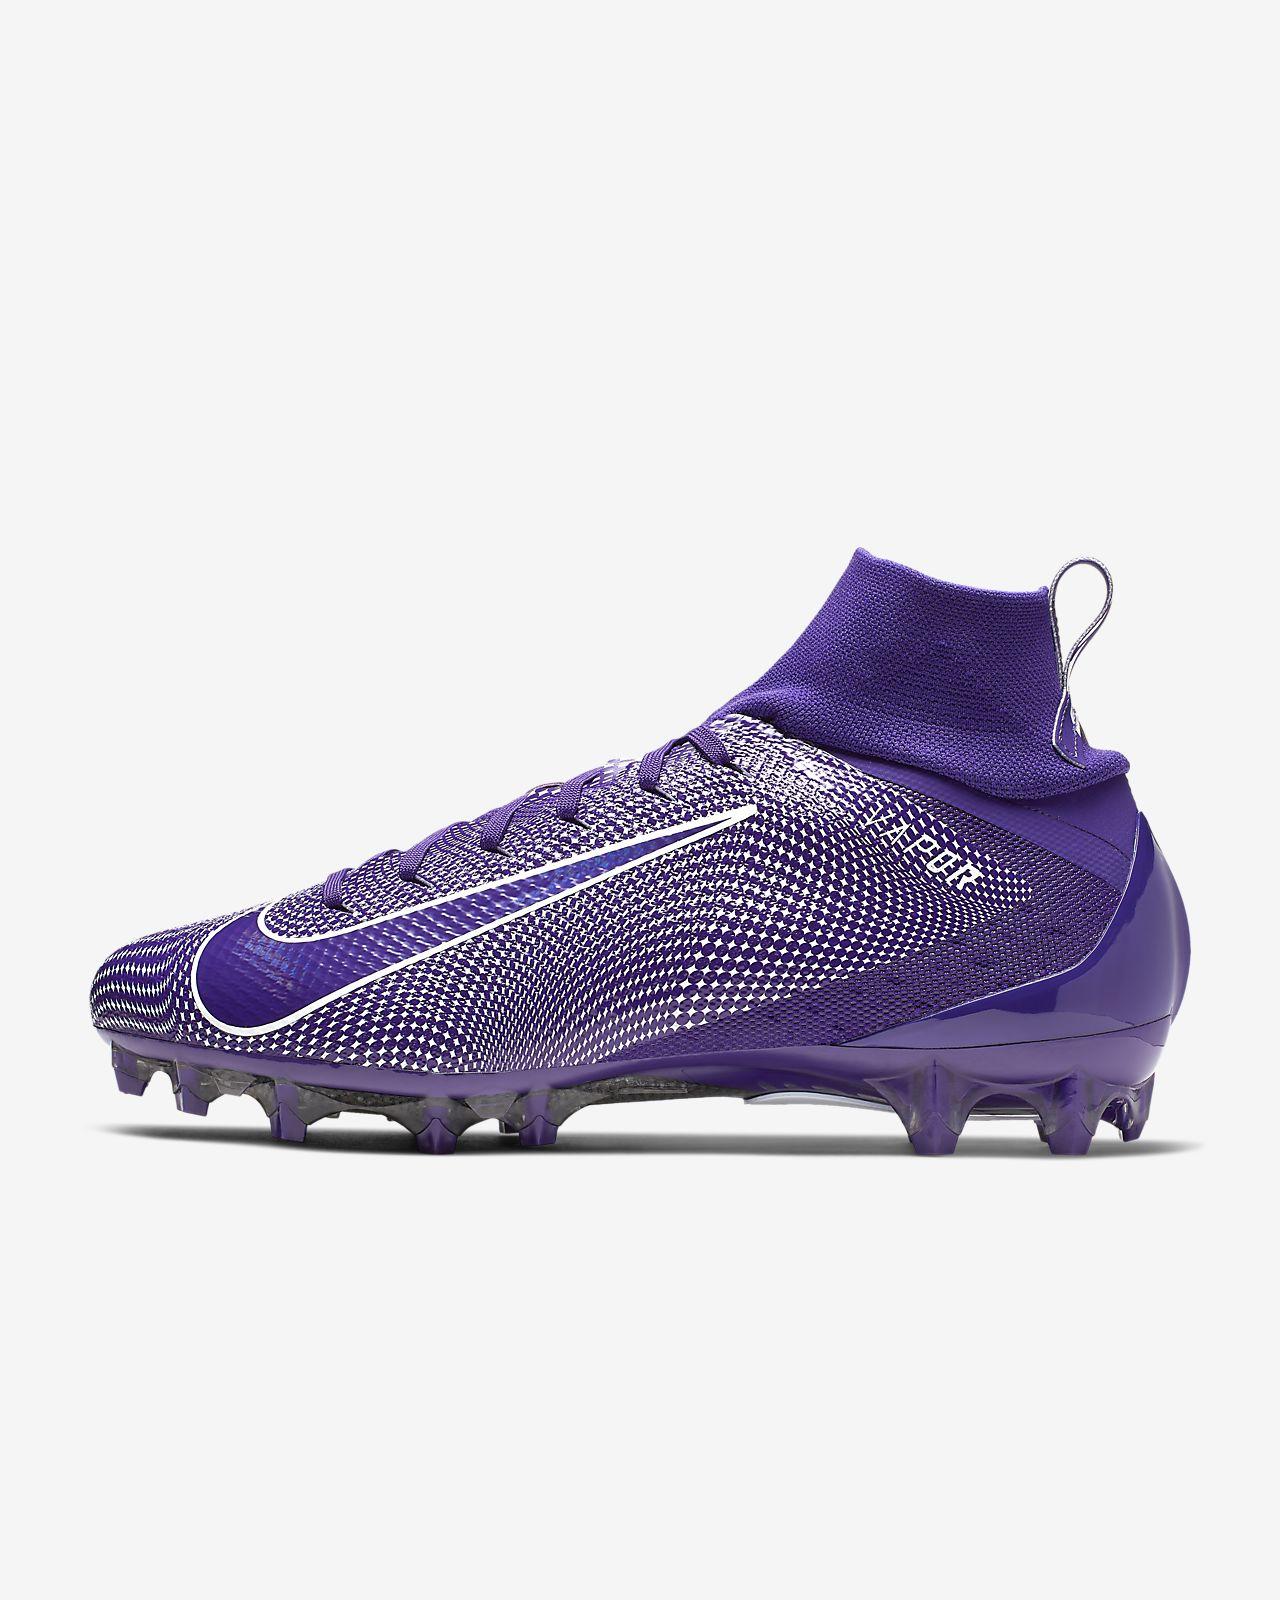 low priced 07394 e0dce Nike Vapor Untouchable 3 Pro